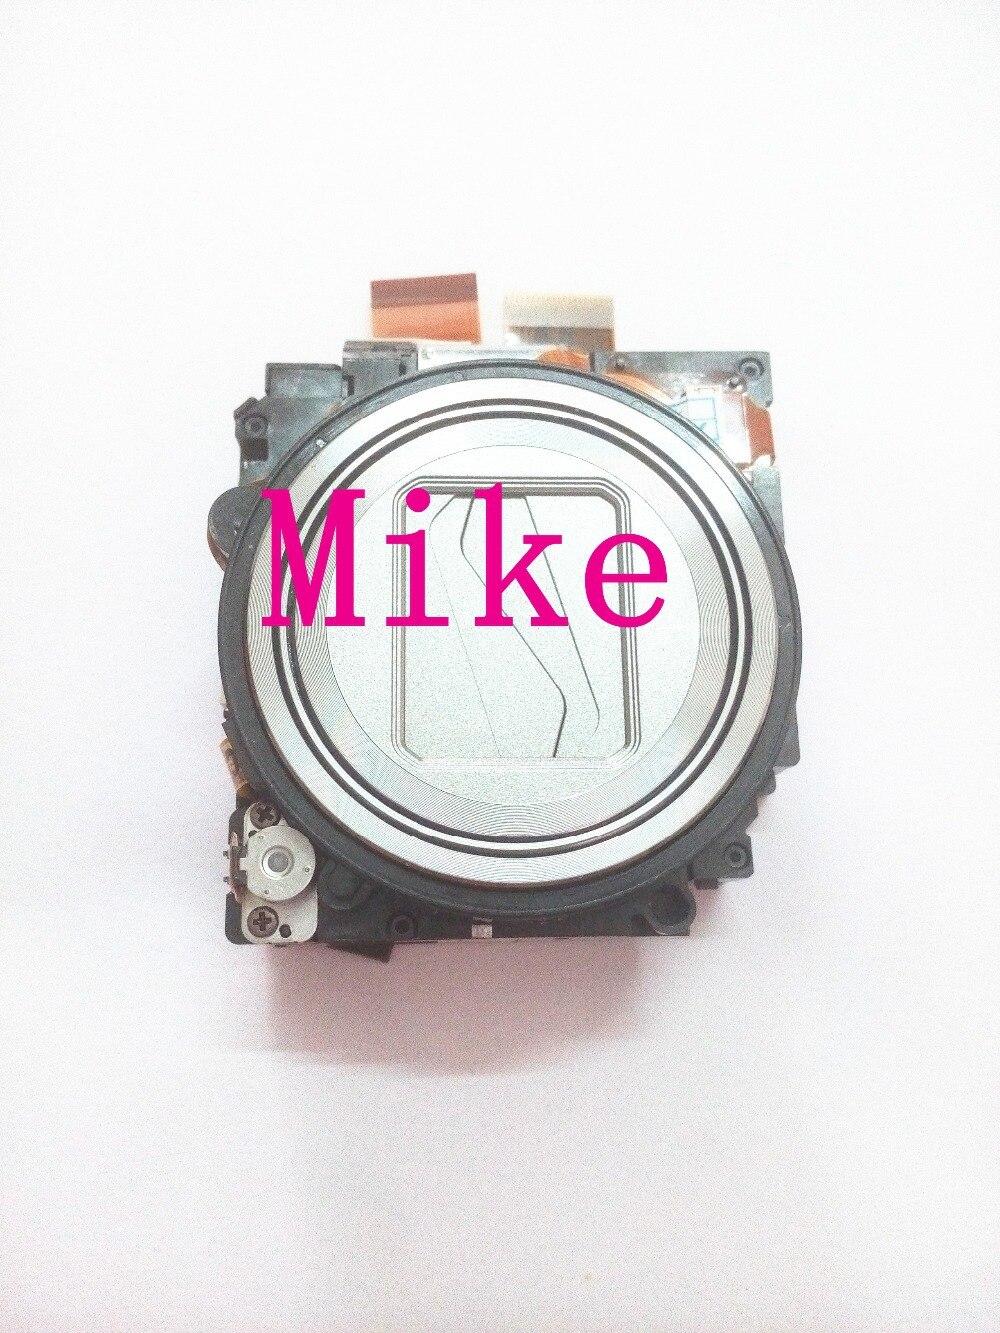 100% NUOVO gruppo di lenti originali NUOVI pezzi di Ricambio per Nikon  S9100 S9050 Osservazioni zoom con ccd camera repair GRIGIO 69359121ce